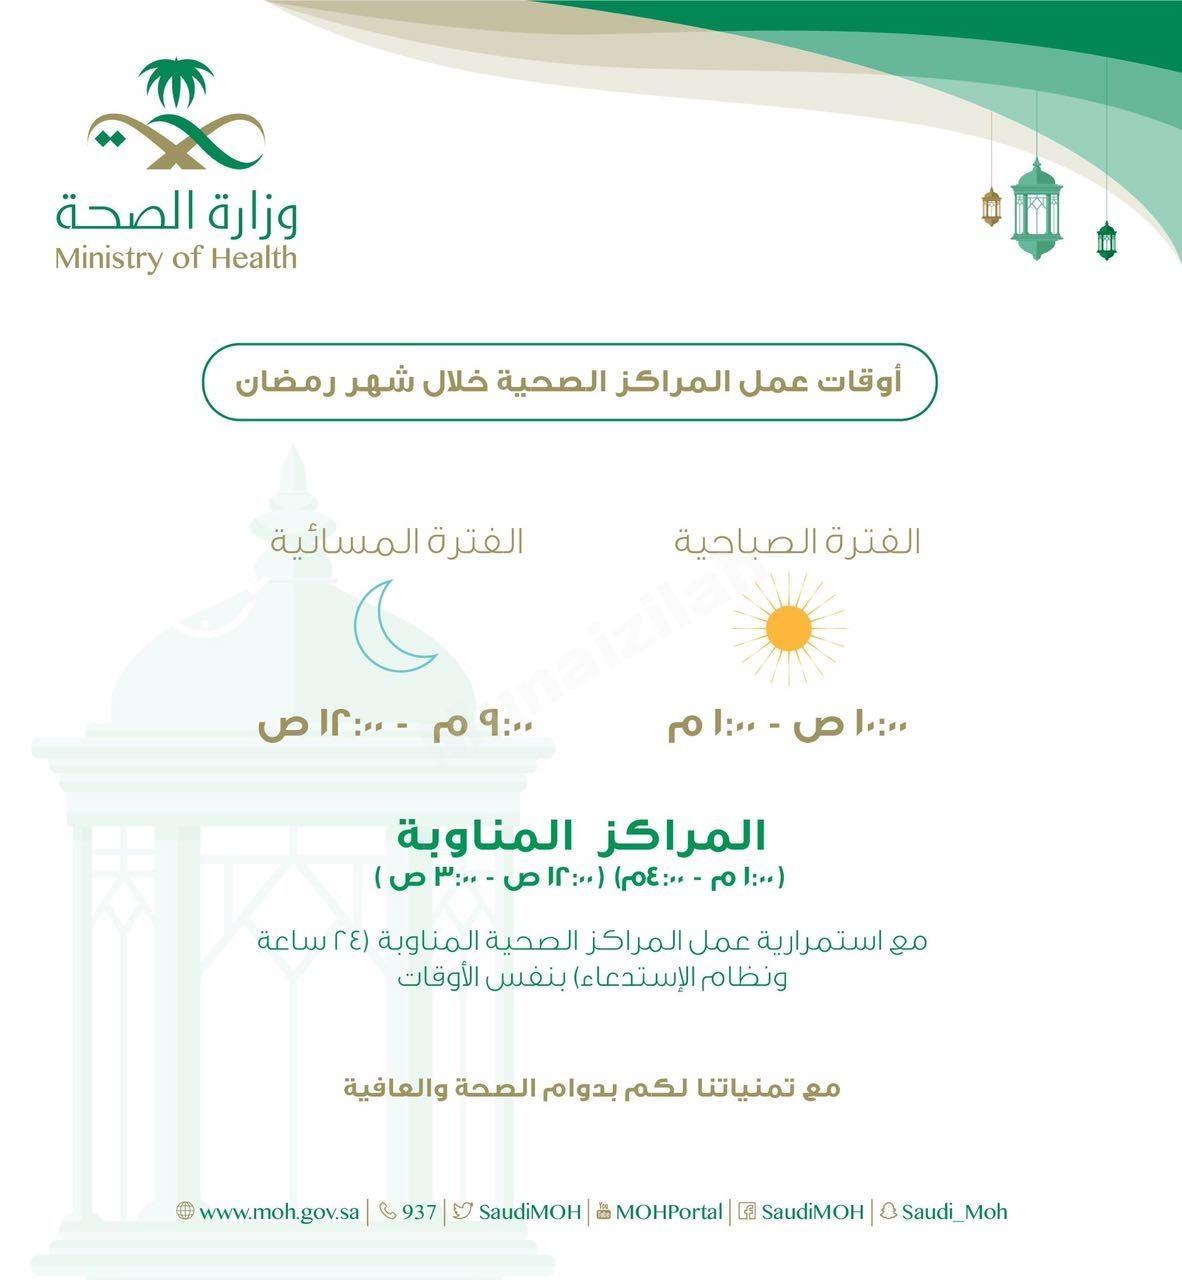 أوقات عمل المراكز الصحية في شهر رمضان المبارك